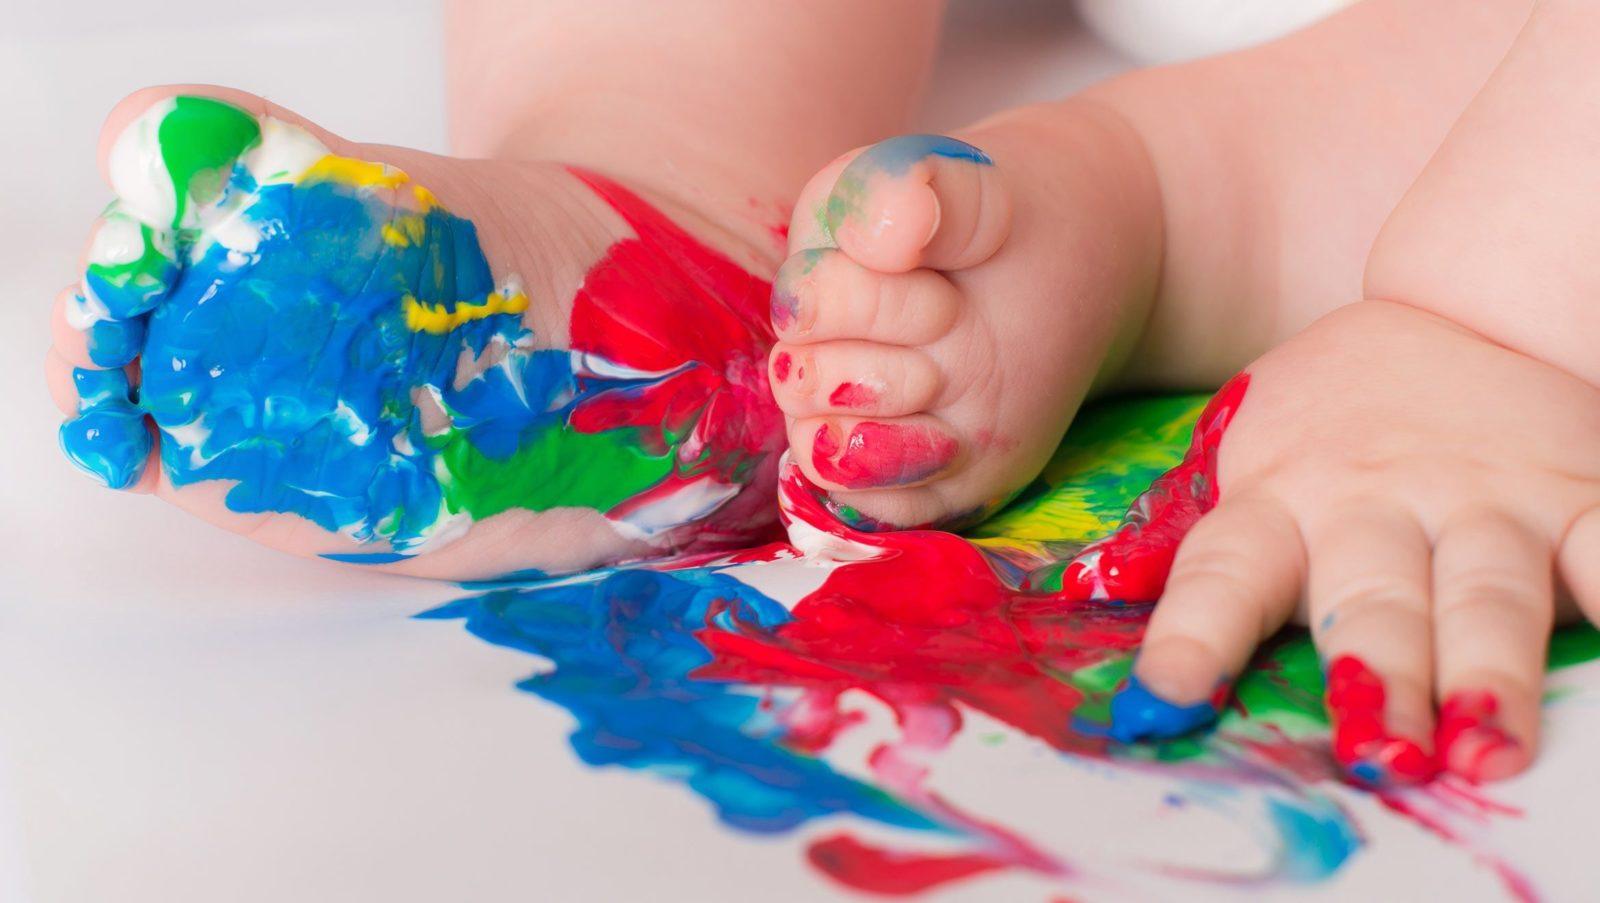 La peinture, activités pour enfants de 0 à 18 mois | Bébé M